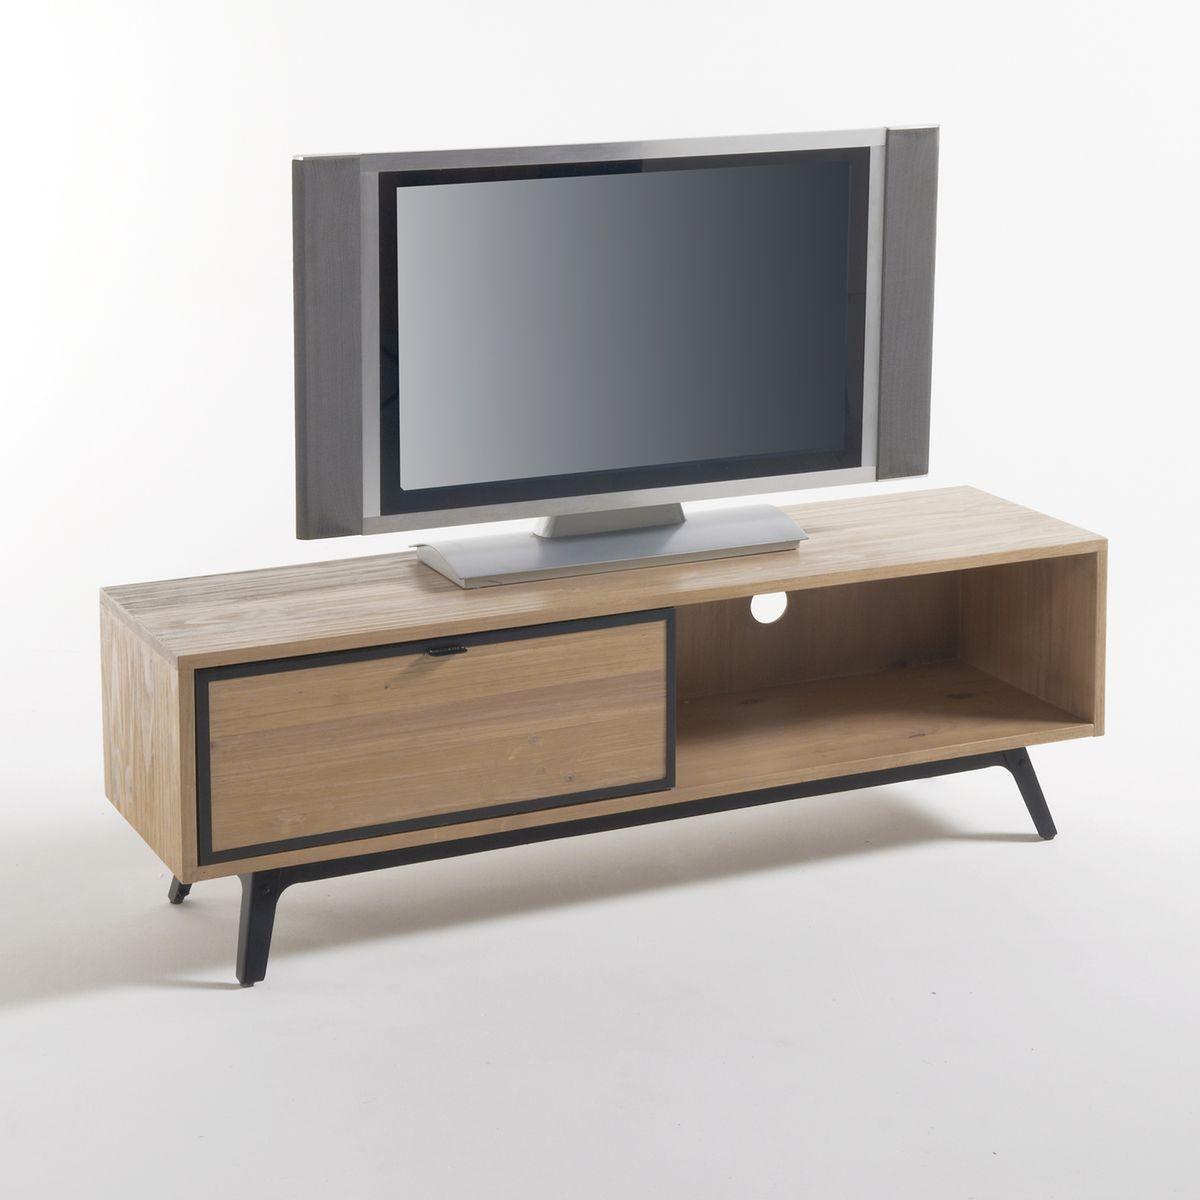 meuble tv hifi les moins chers de notre comparateur de prix. Black Bedroom Furniture Sets. Home Design Ideas